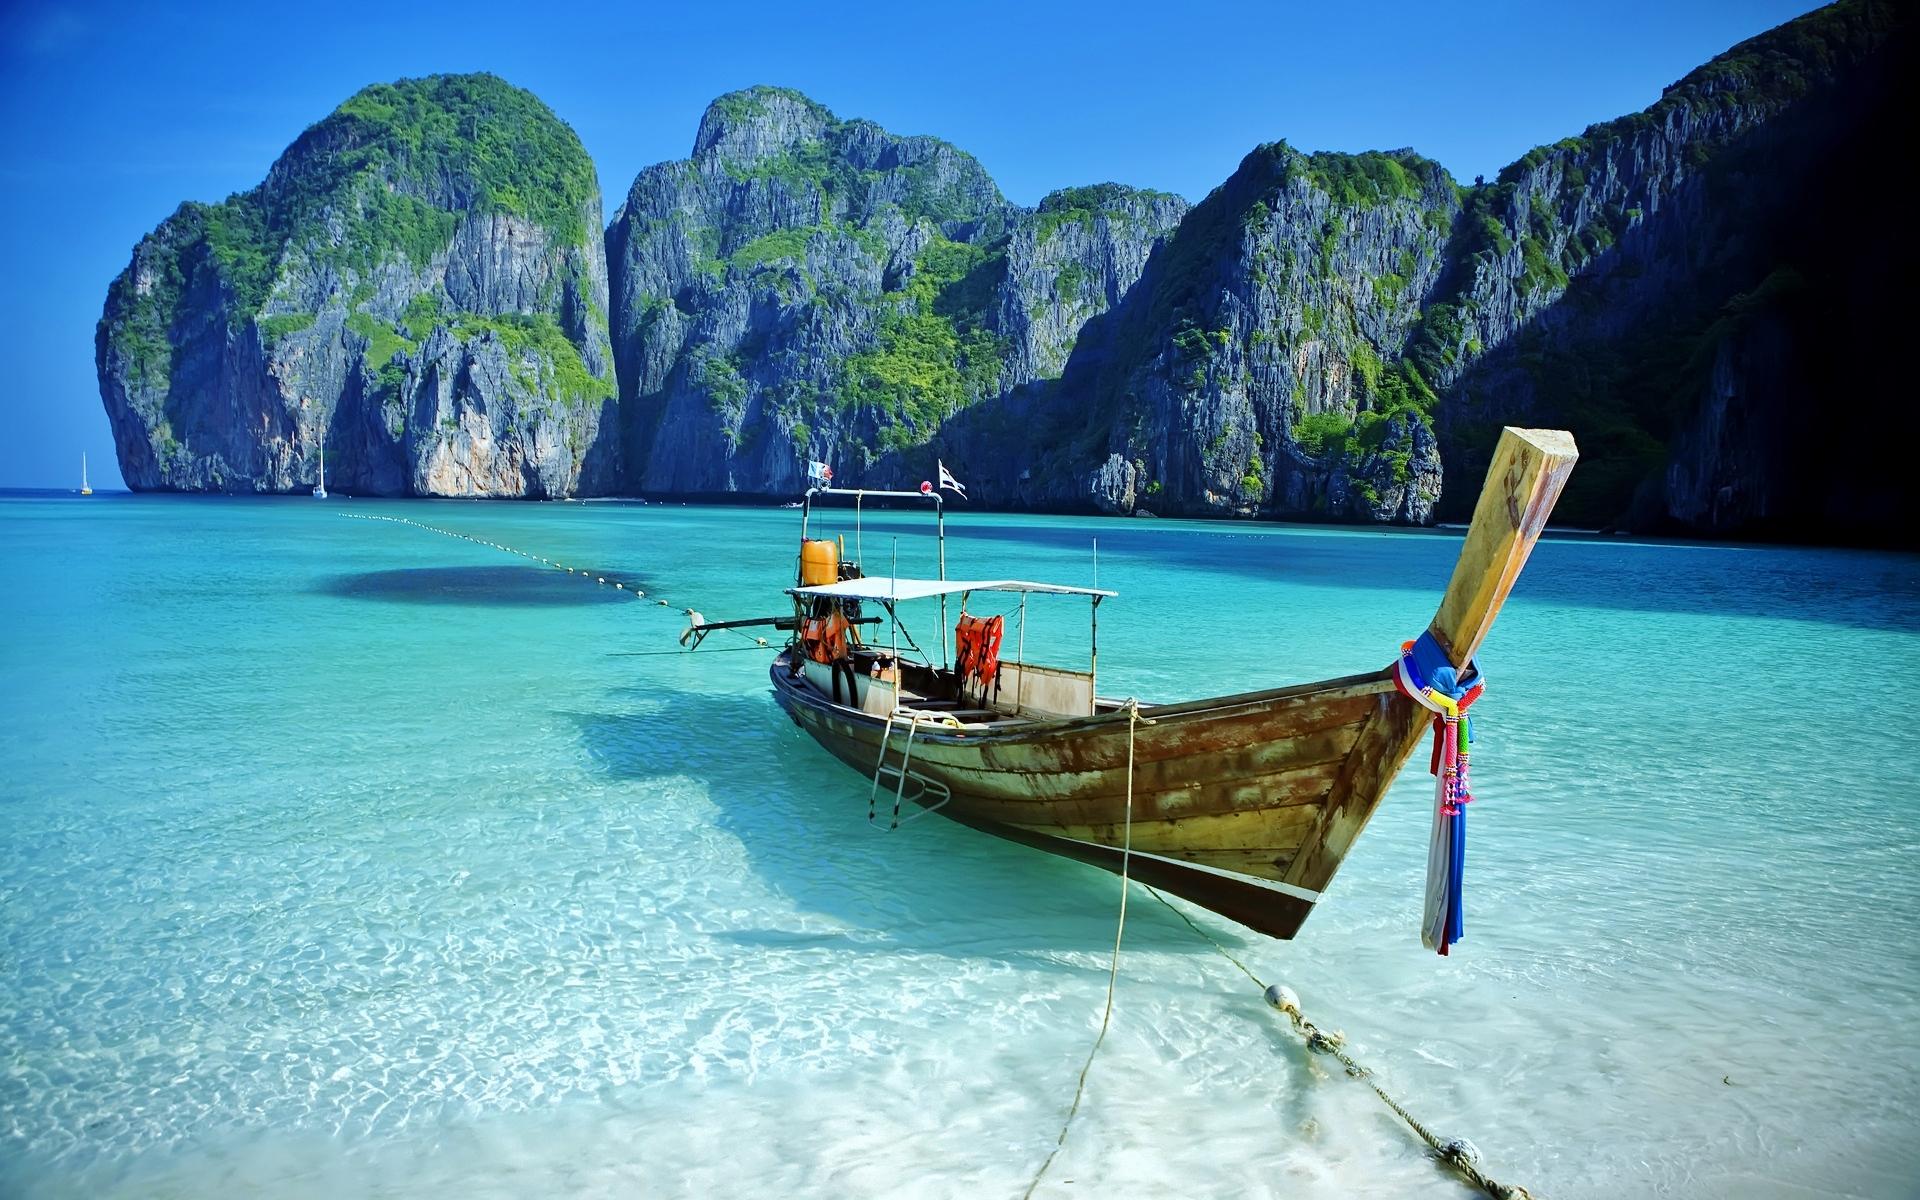 phuket-thailan